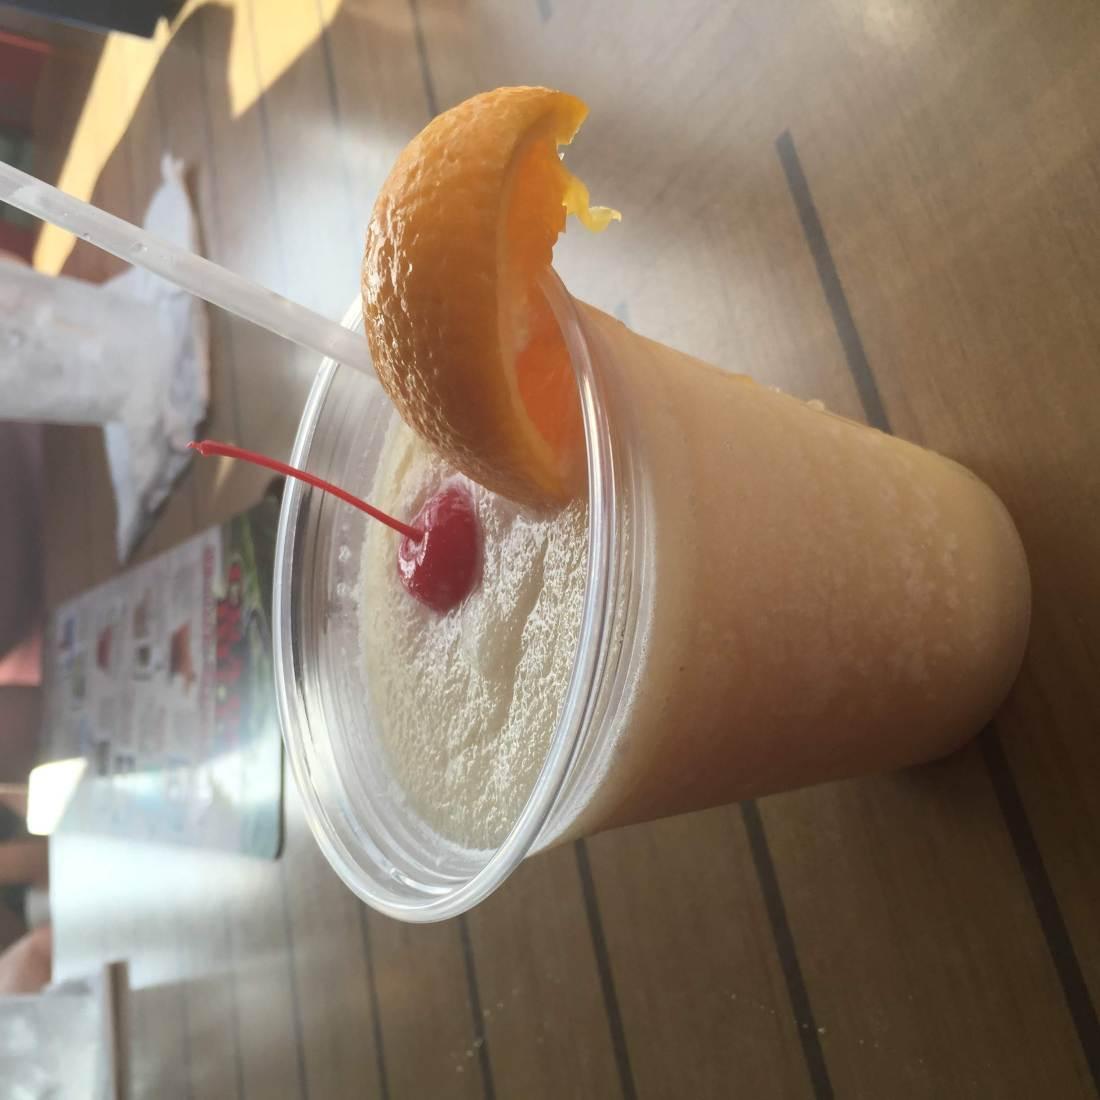 Pina colada cocktail at Crabby Bill's